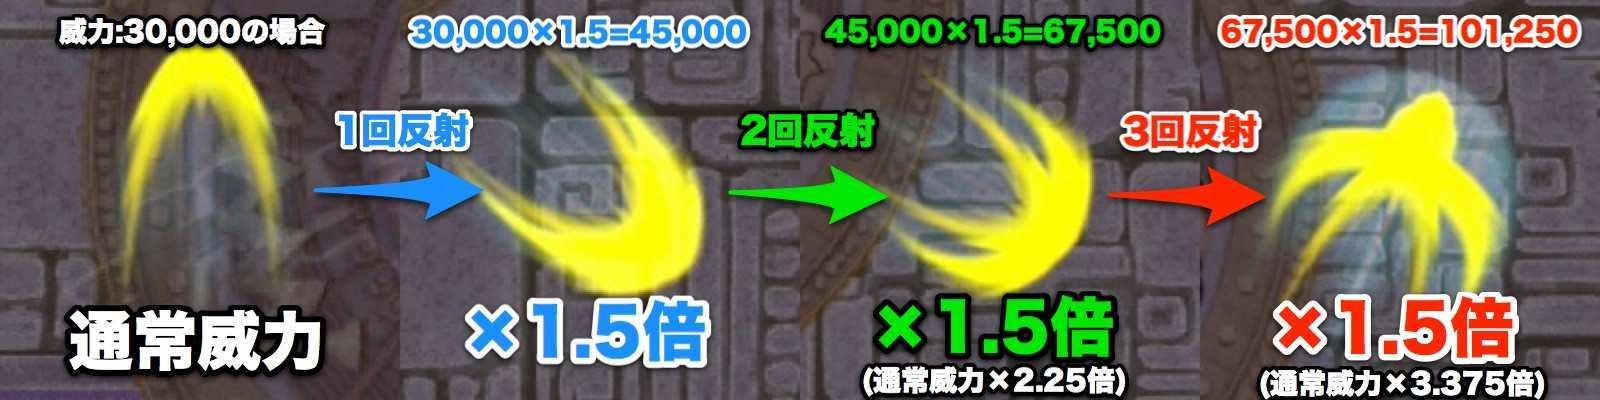 反射衝撃波.jpg